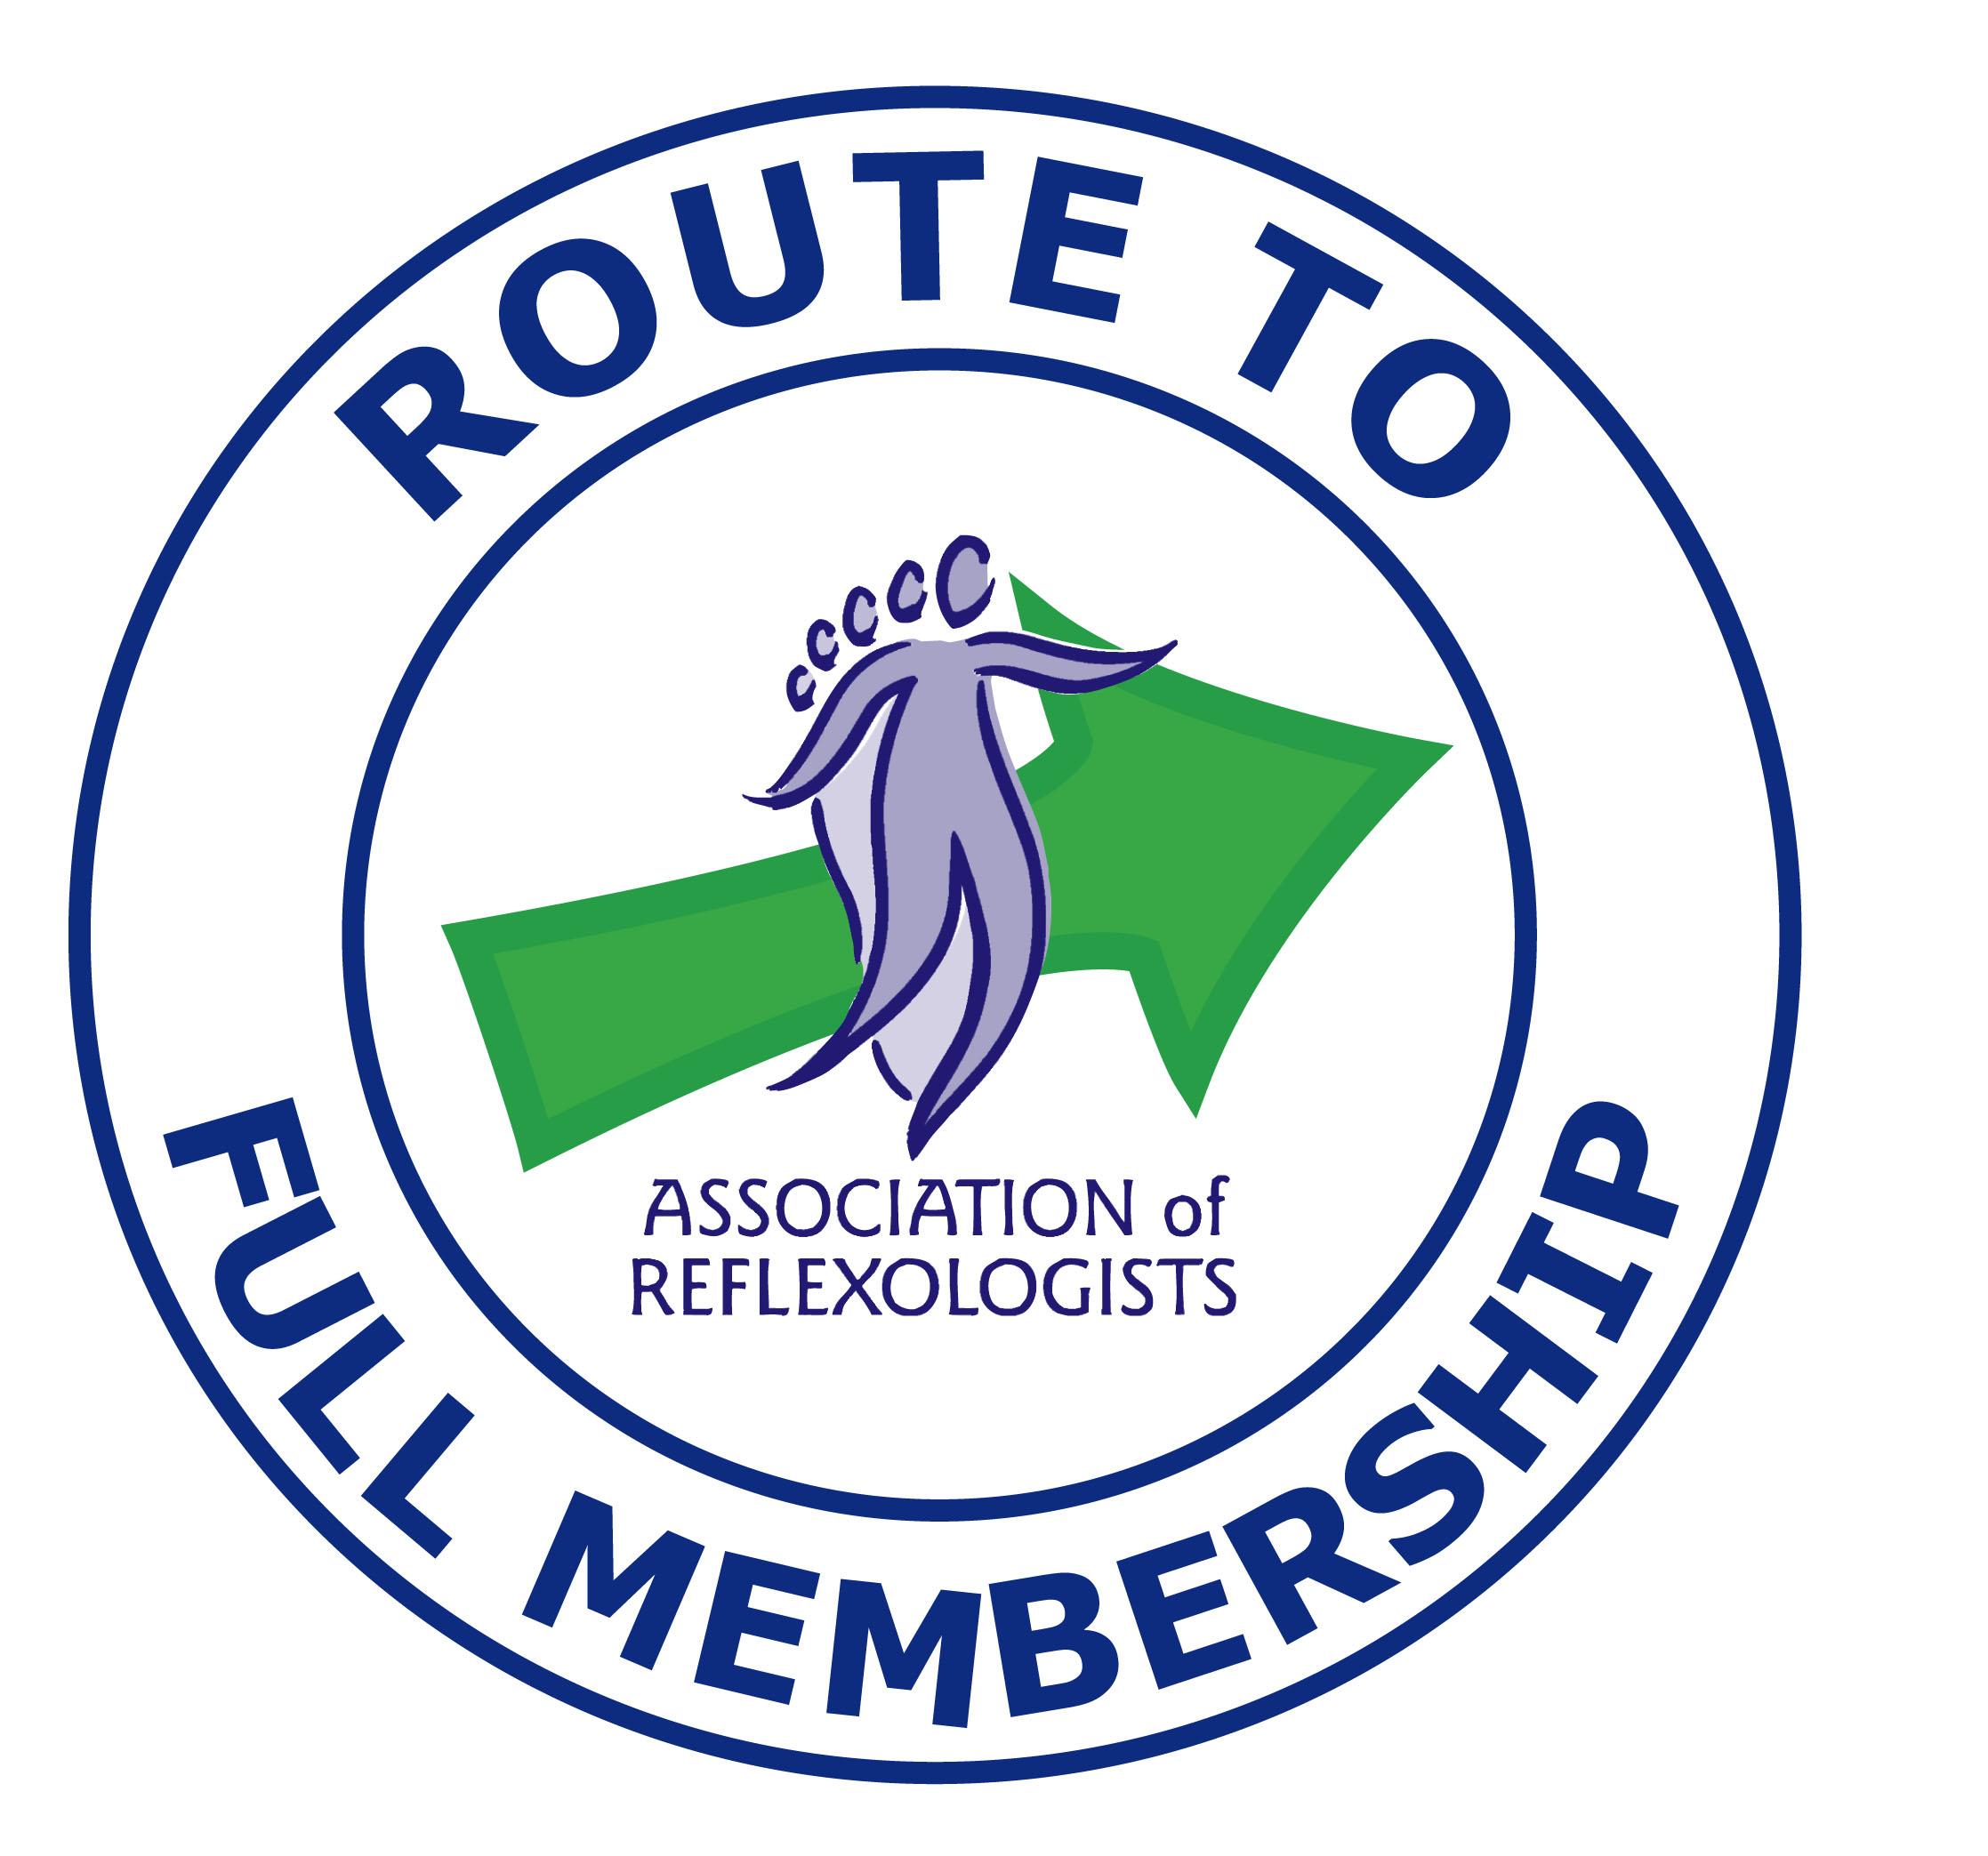 JPEG AOR Route to Full membership logo (white background).jpg